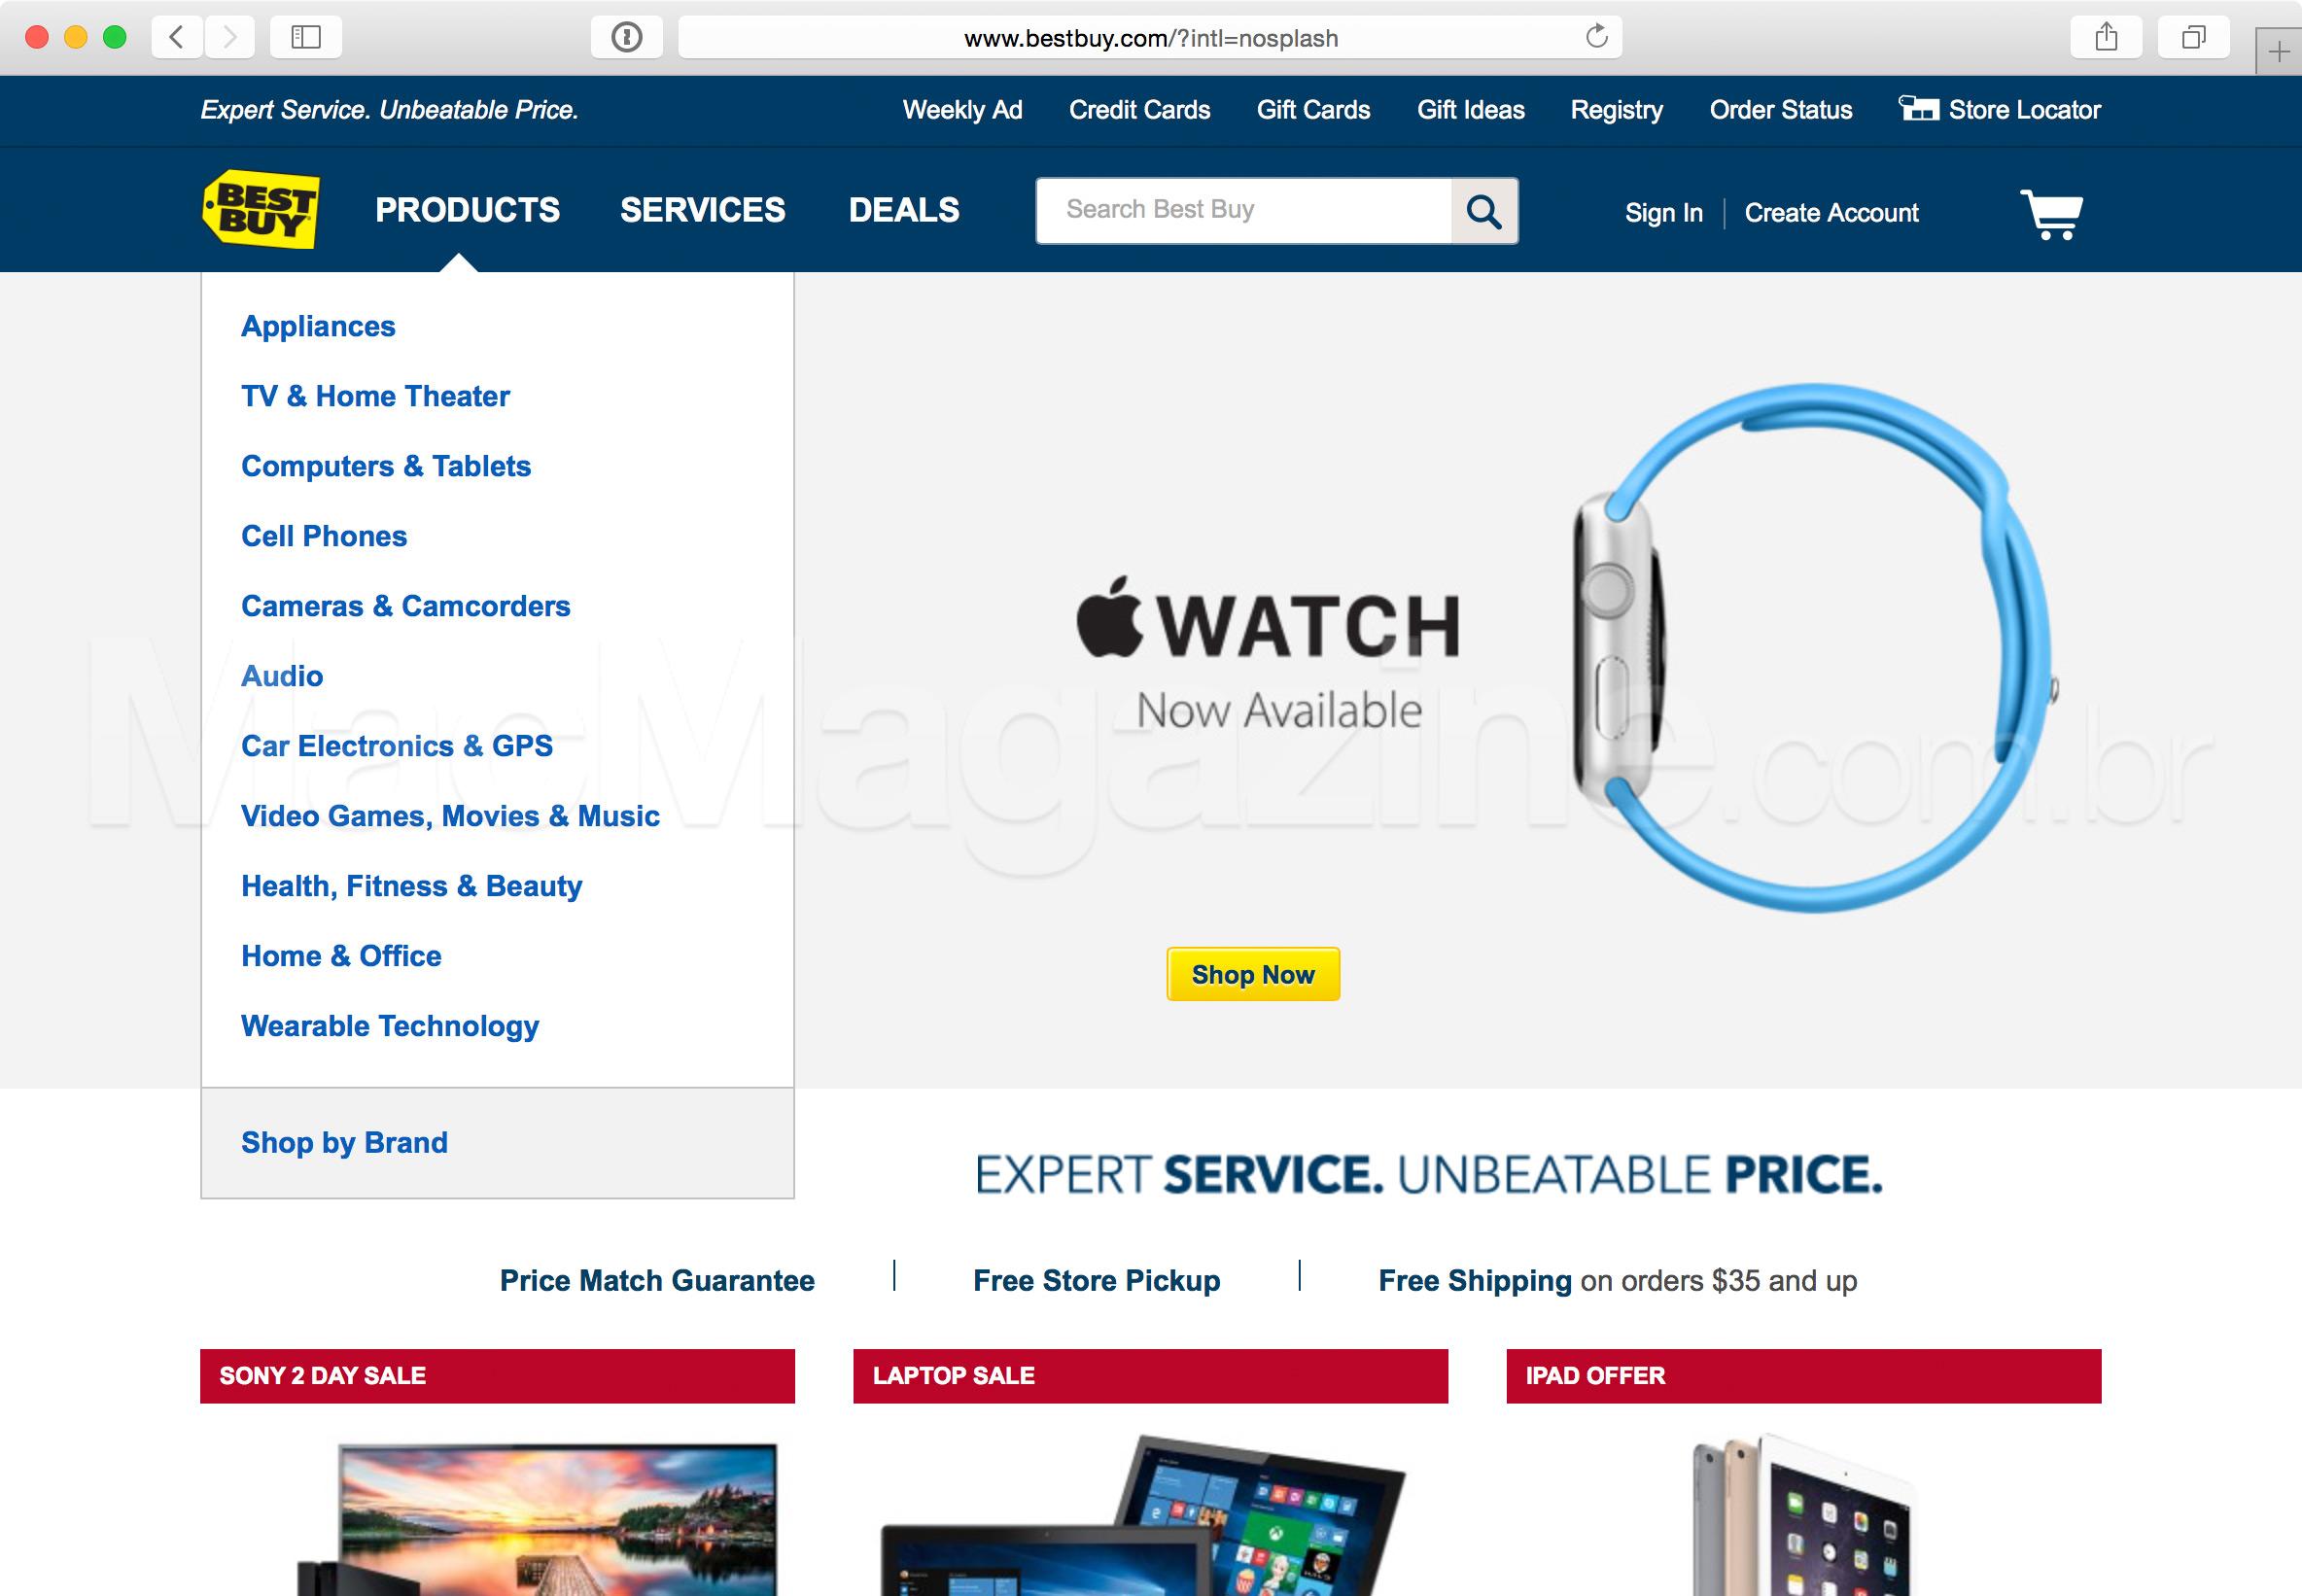 Apple Watch na Best Buy